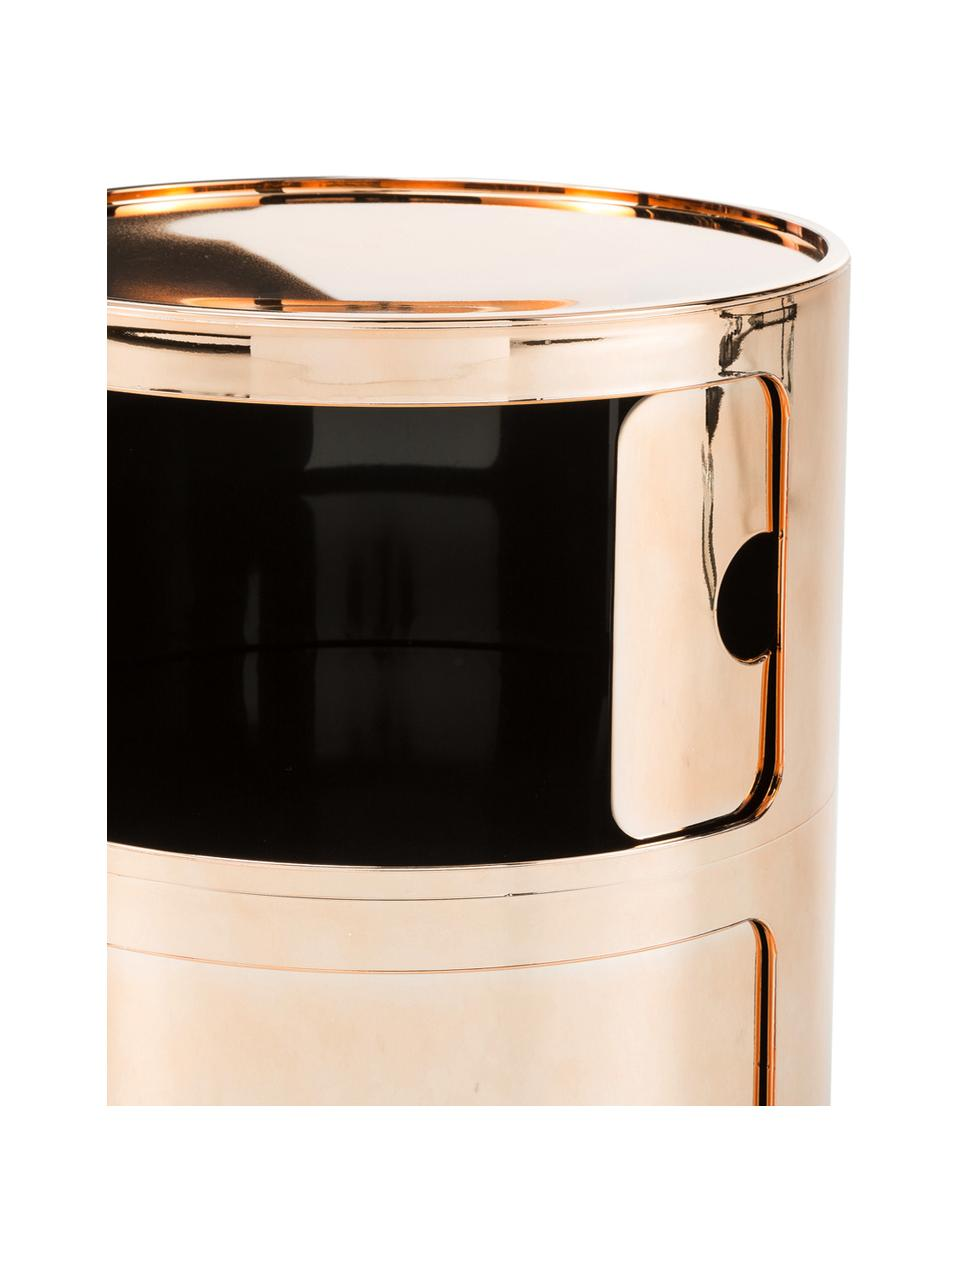 Stolik pomocniczy Componibile, Tworzywo sztuczne (ABS), lakierowane, Odcienie miedzianego, Ø 32 x W 40 cm